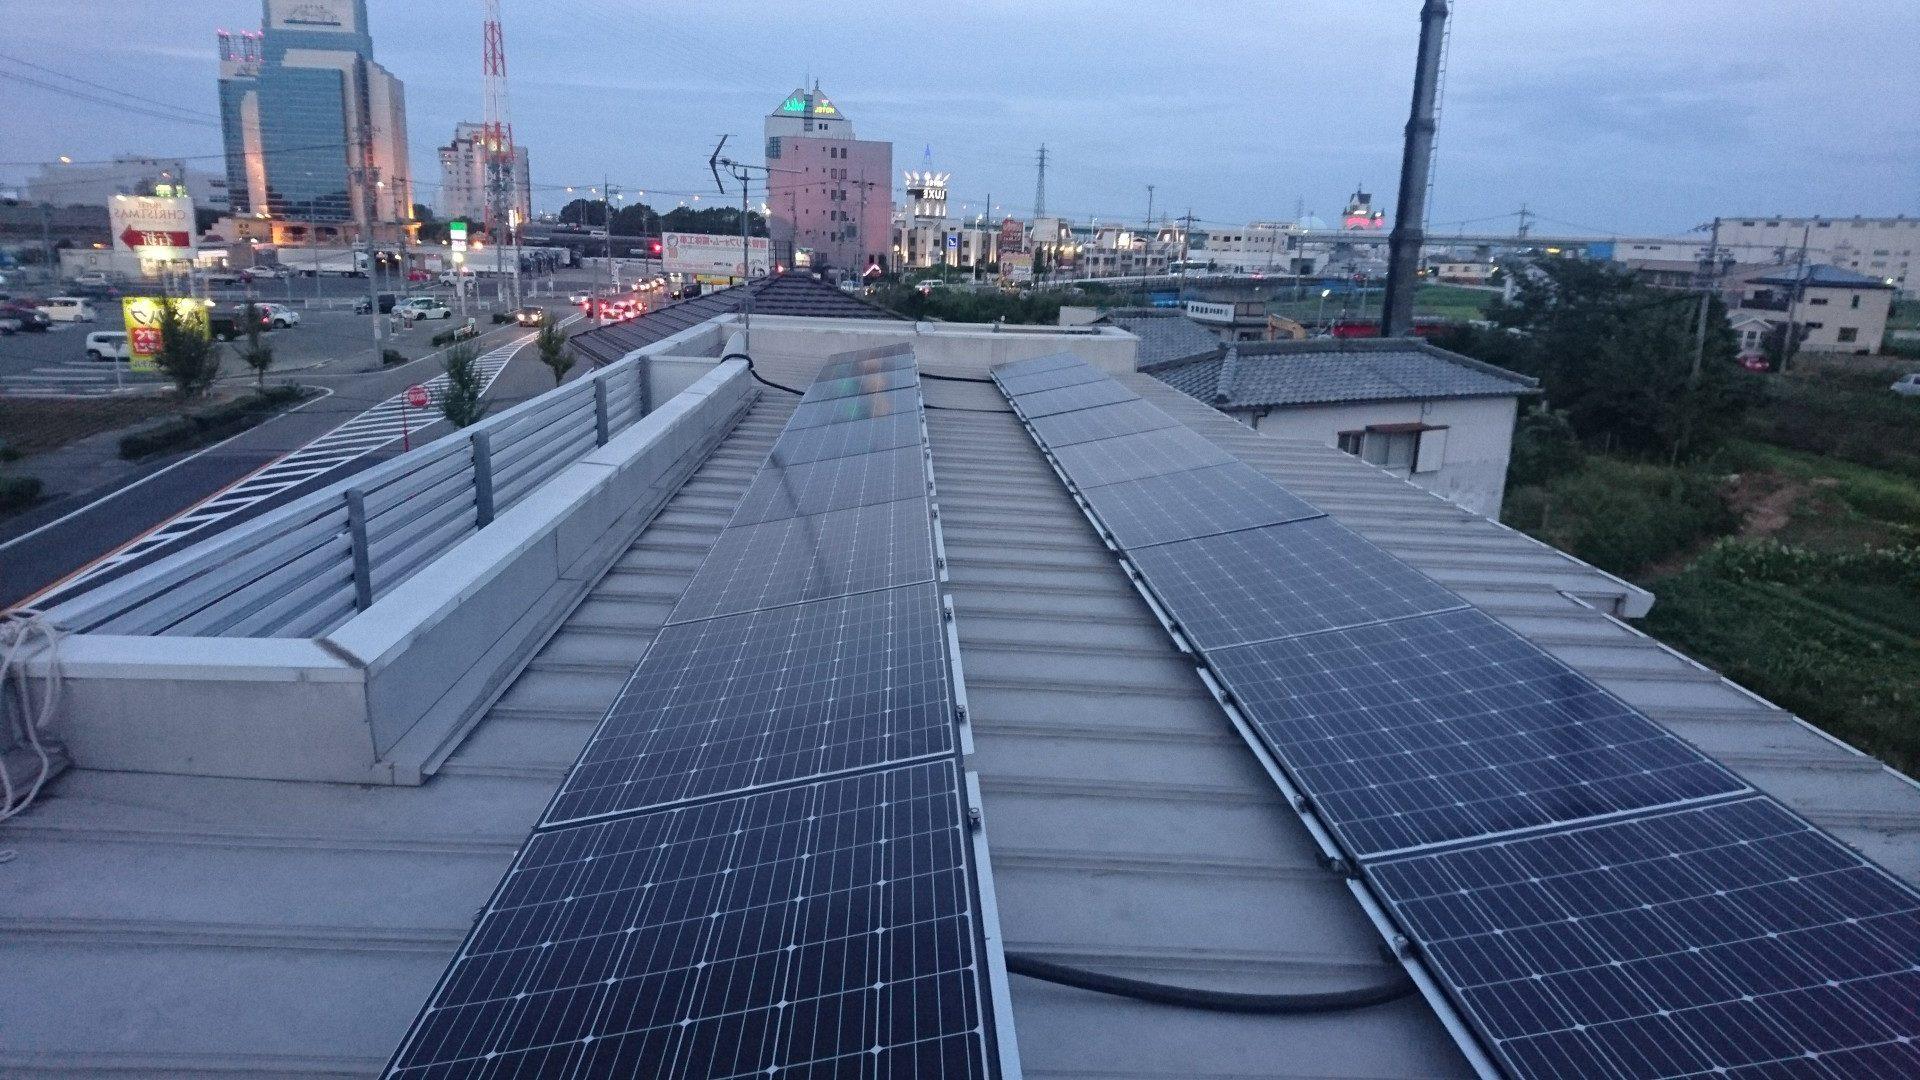 奈良県長州太陽光パネル 18枚CS-274B61施工後の写真